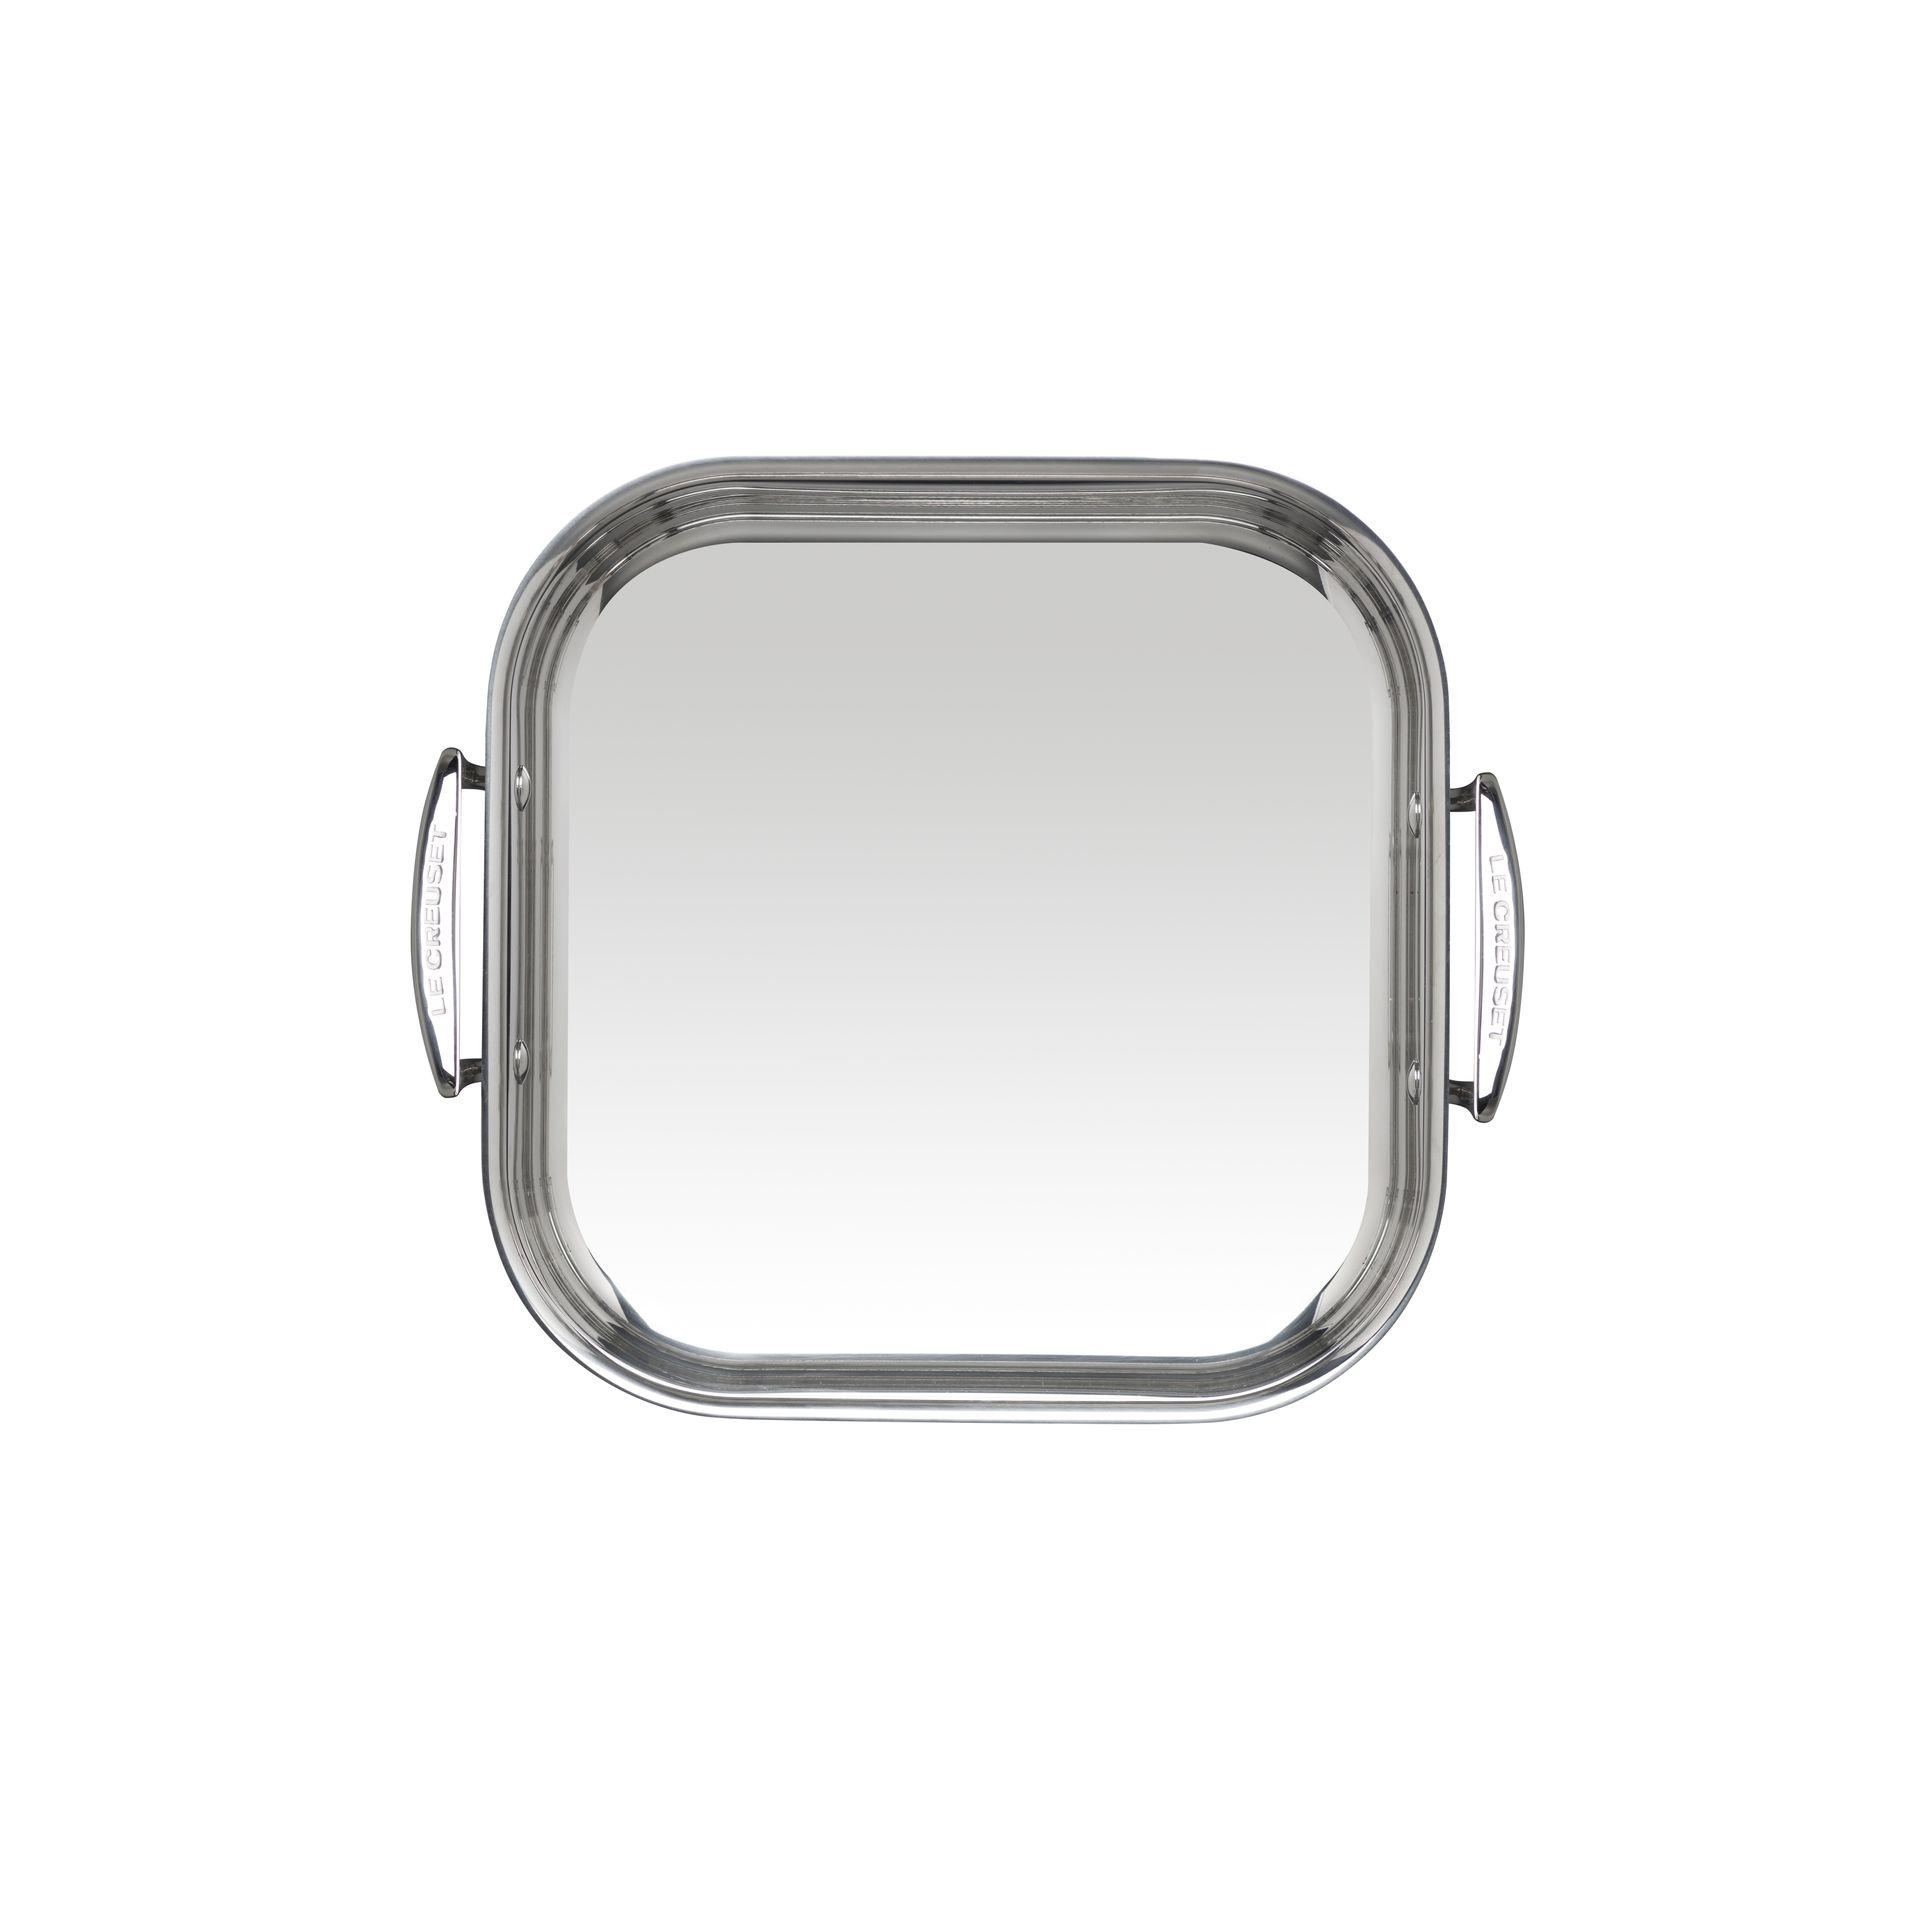 Le Creuset 3-Ply Bratreine quadratisch 26 cm